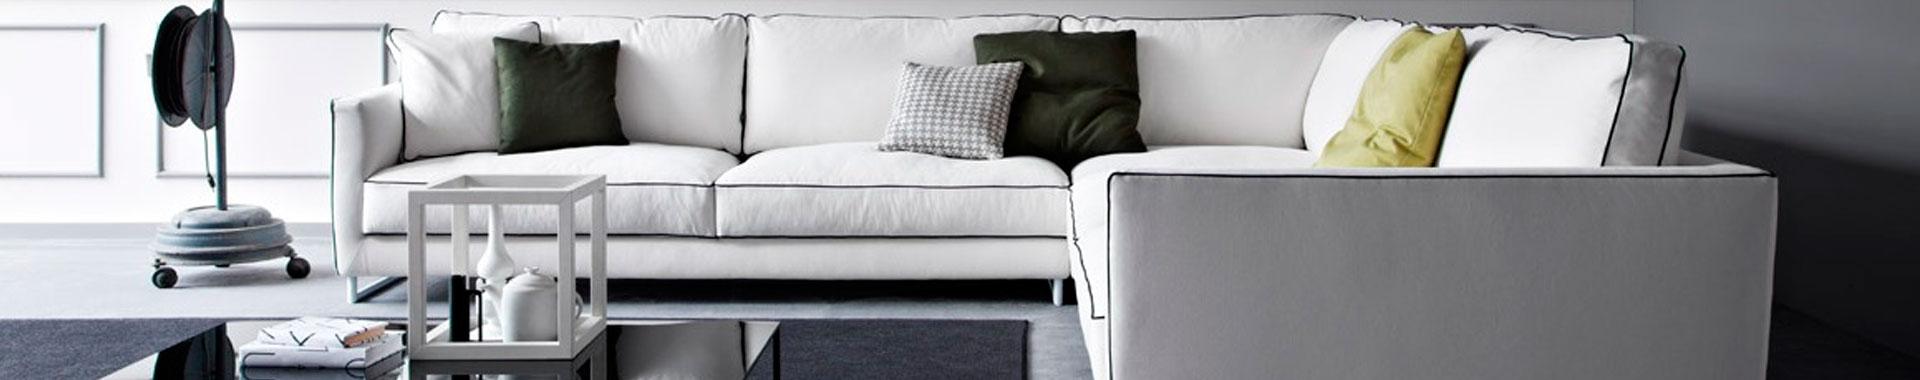 Итальянская мягкая мебель